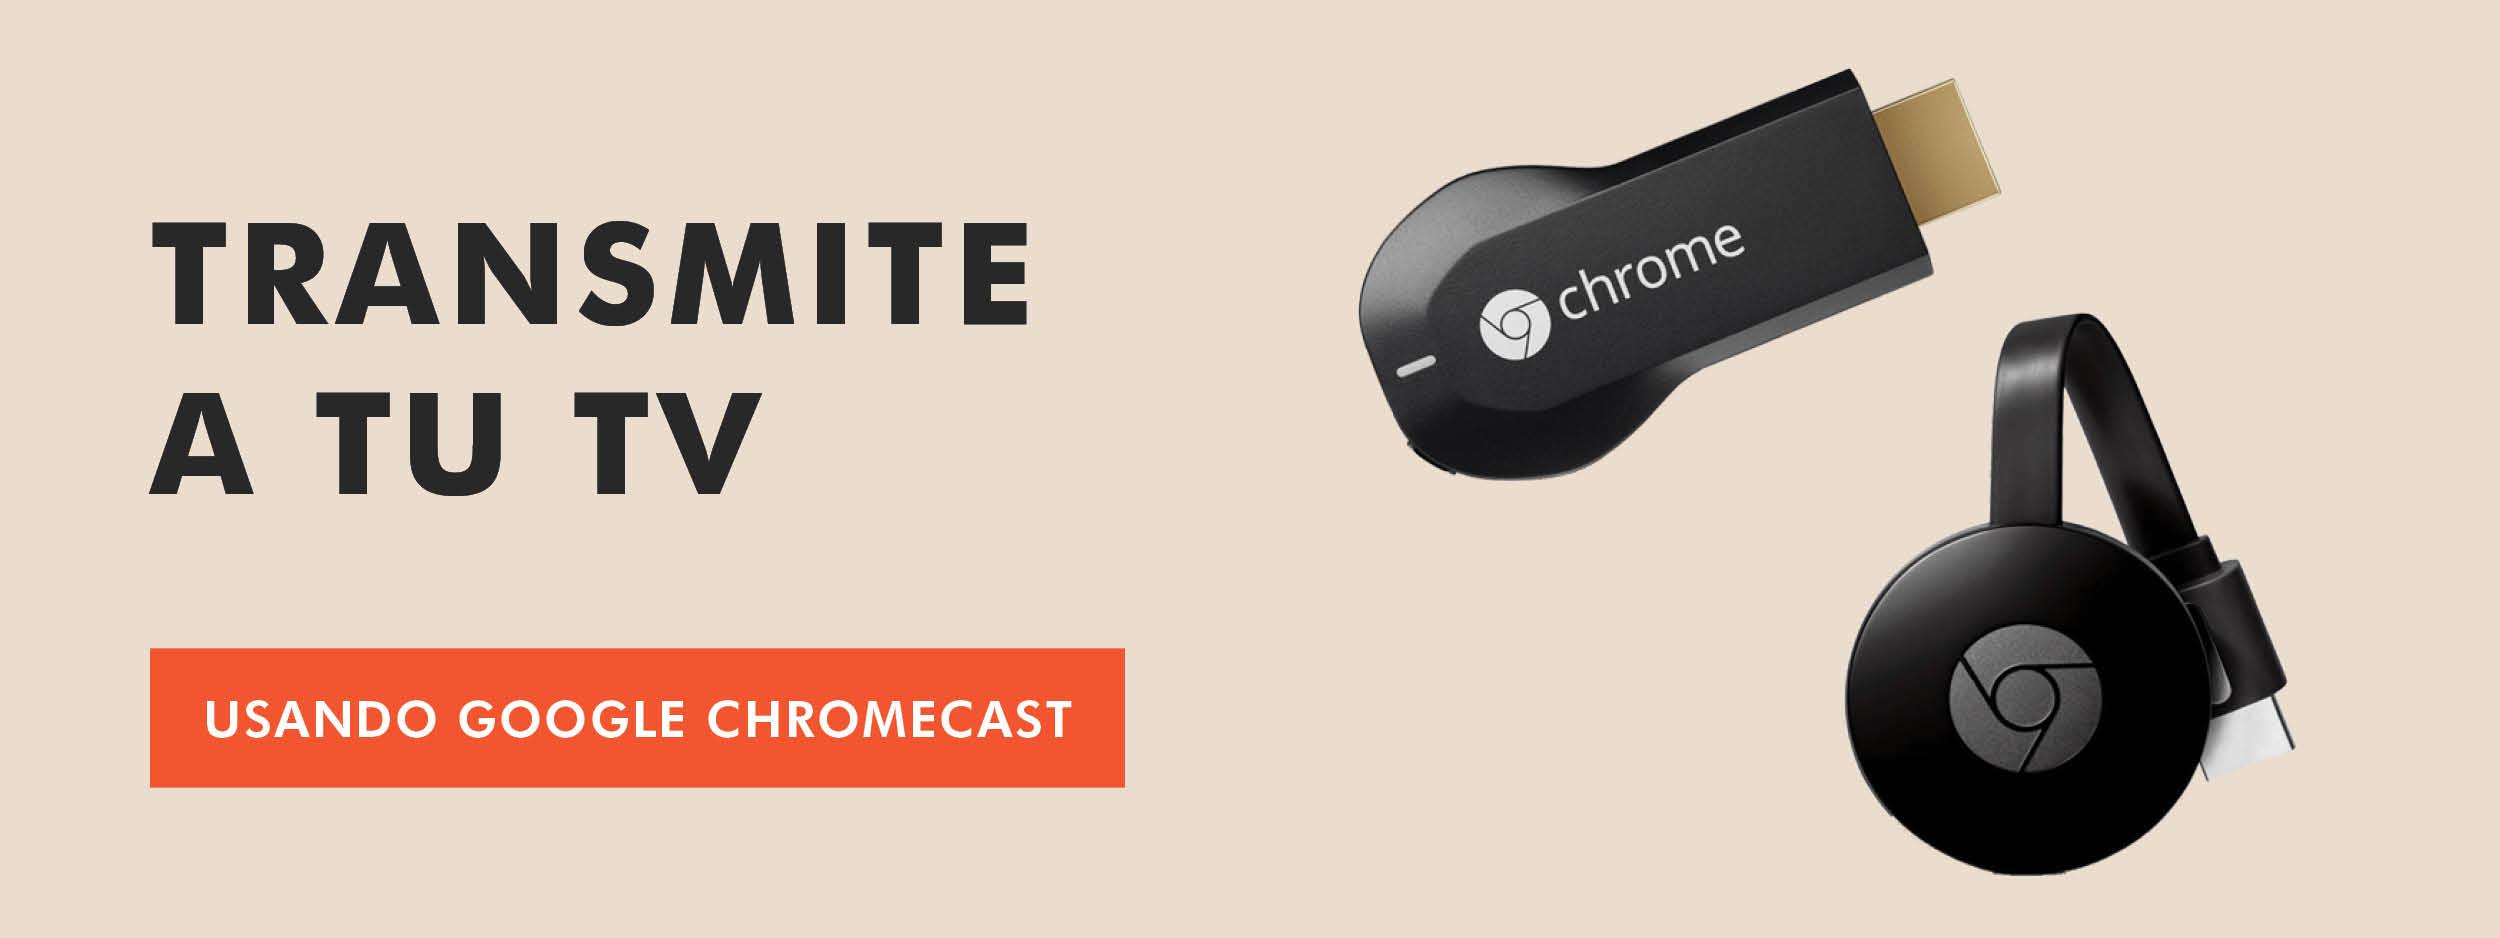 Transmite usando un Google Chromecast